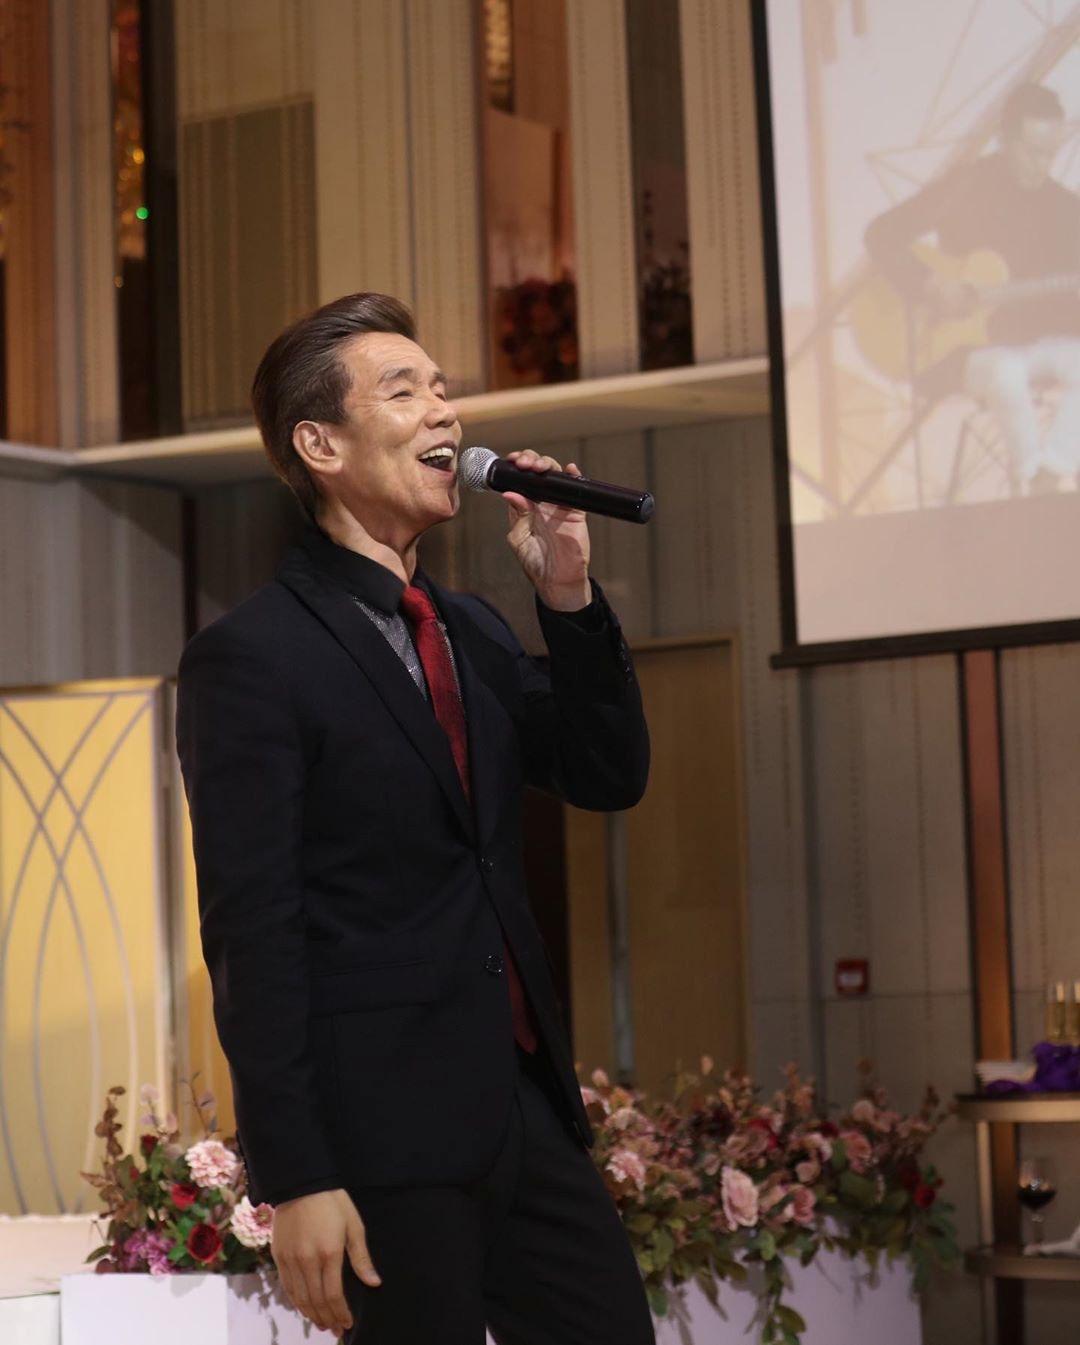 林奕匡說,希望將來老了也可繼續唱歌為大家表演。 林奕匡IG圖